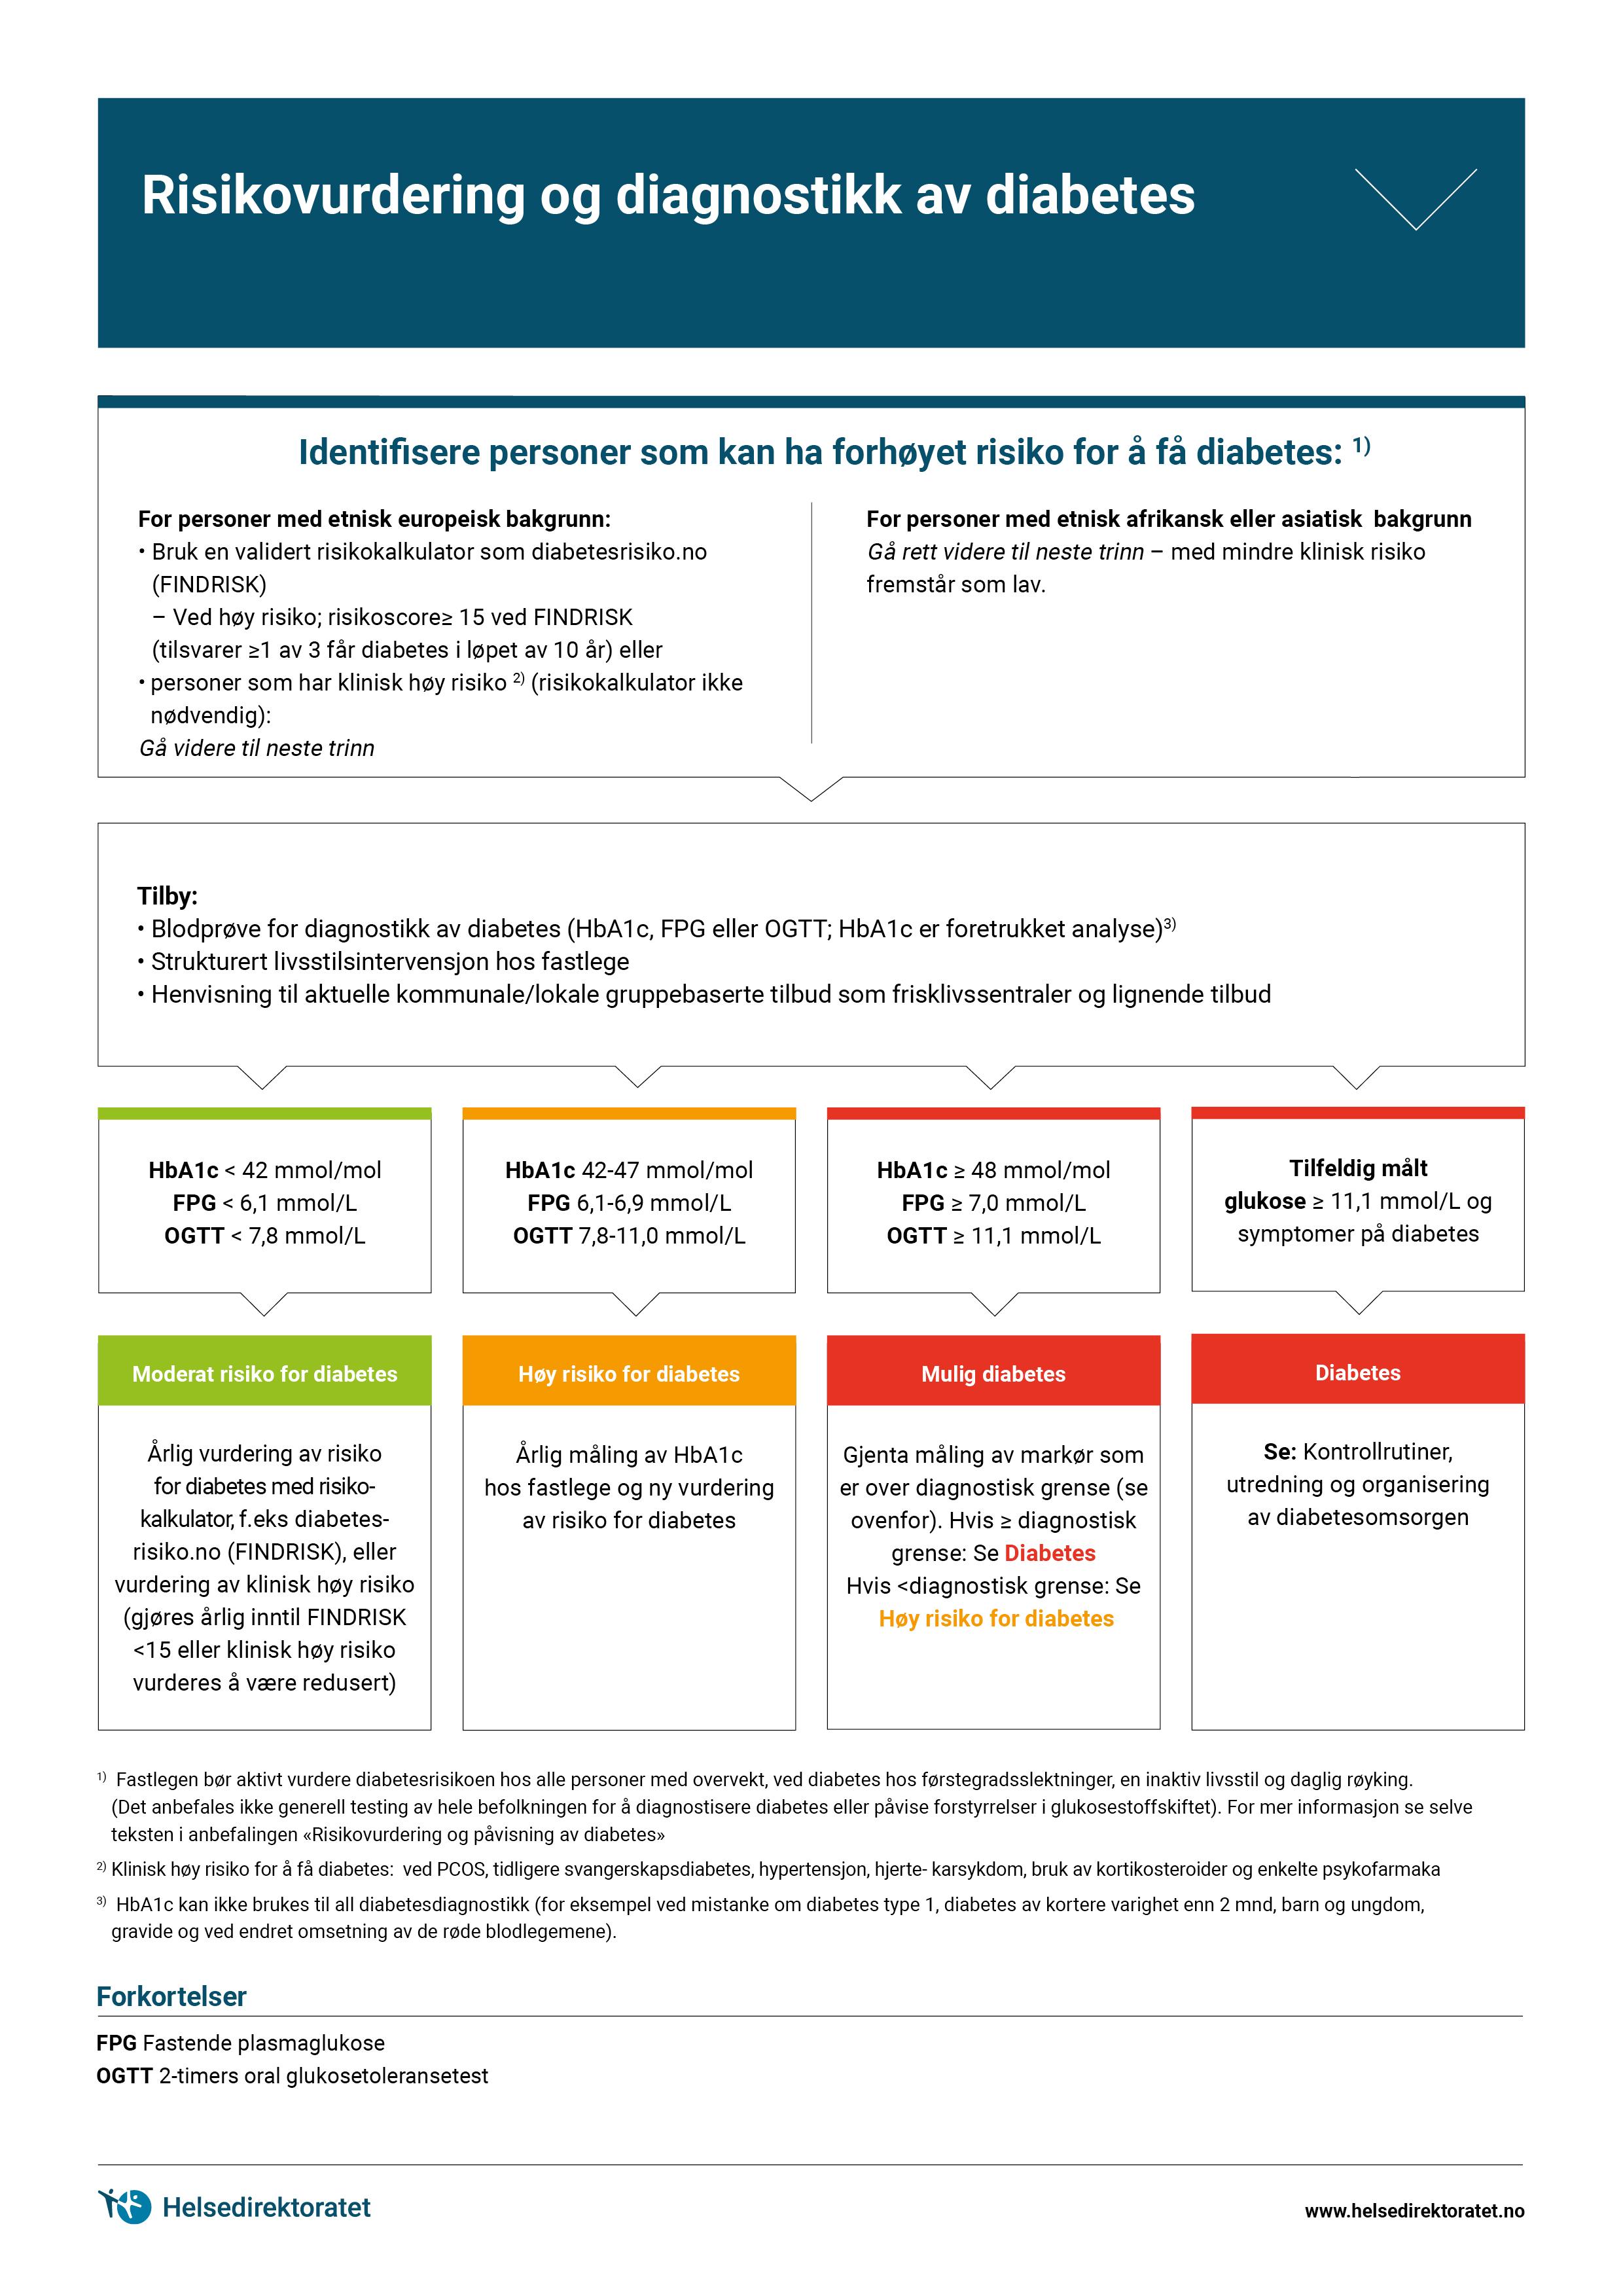 flytdiagram-risikovurdering-og-diagnostikk-av-diabetes.jpg